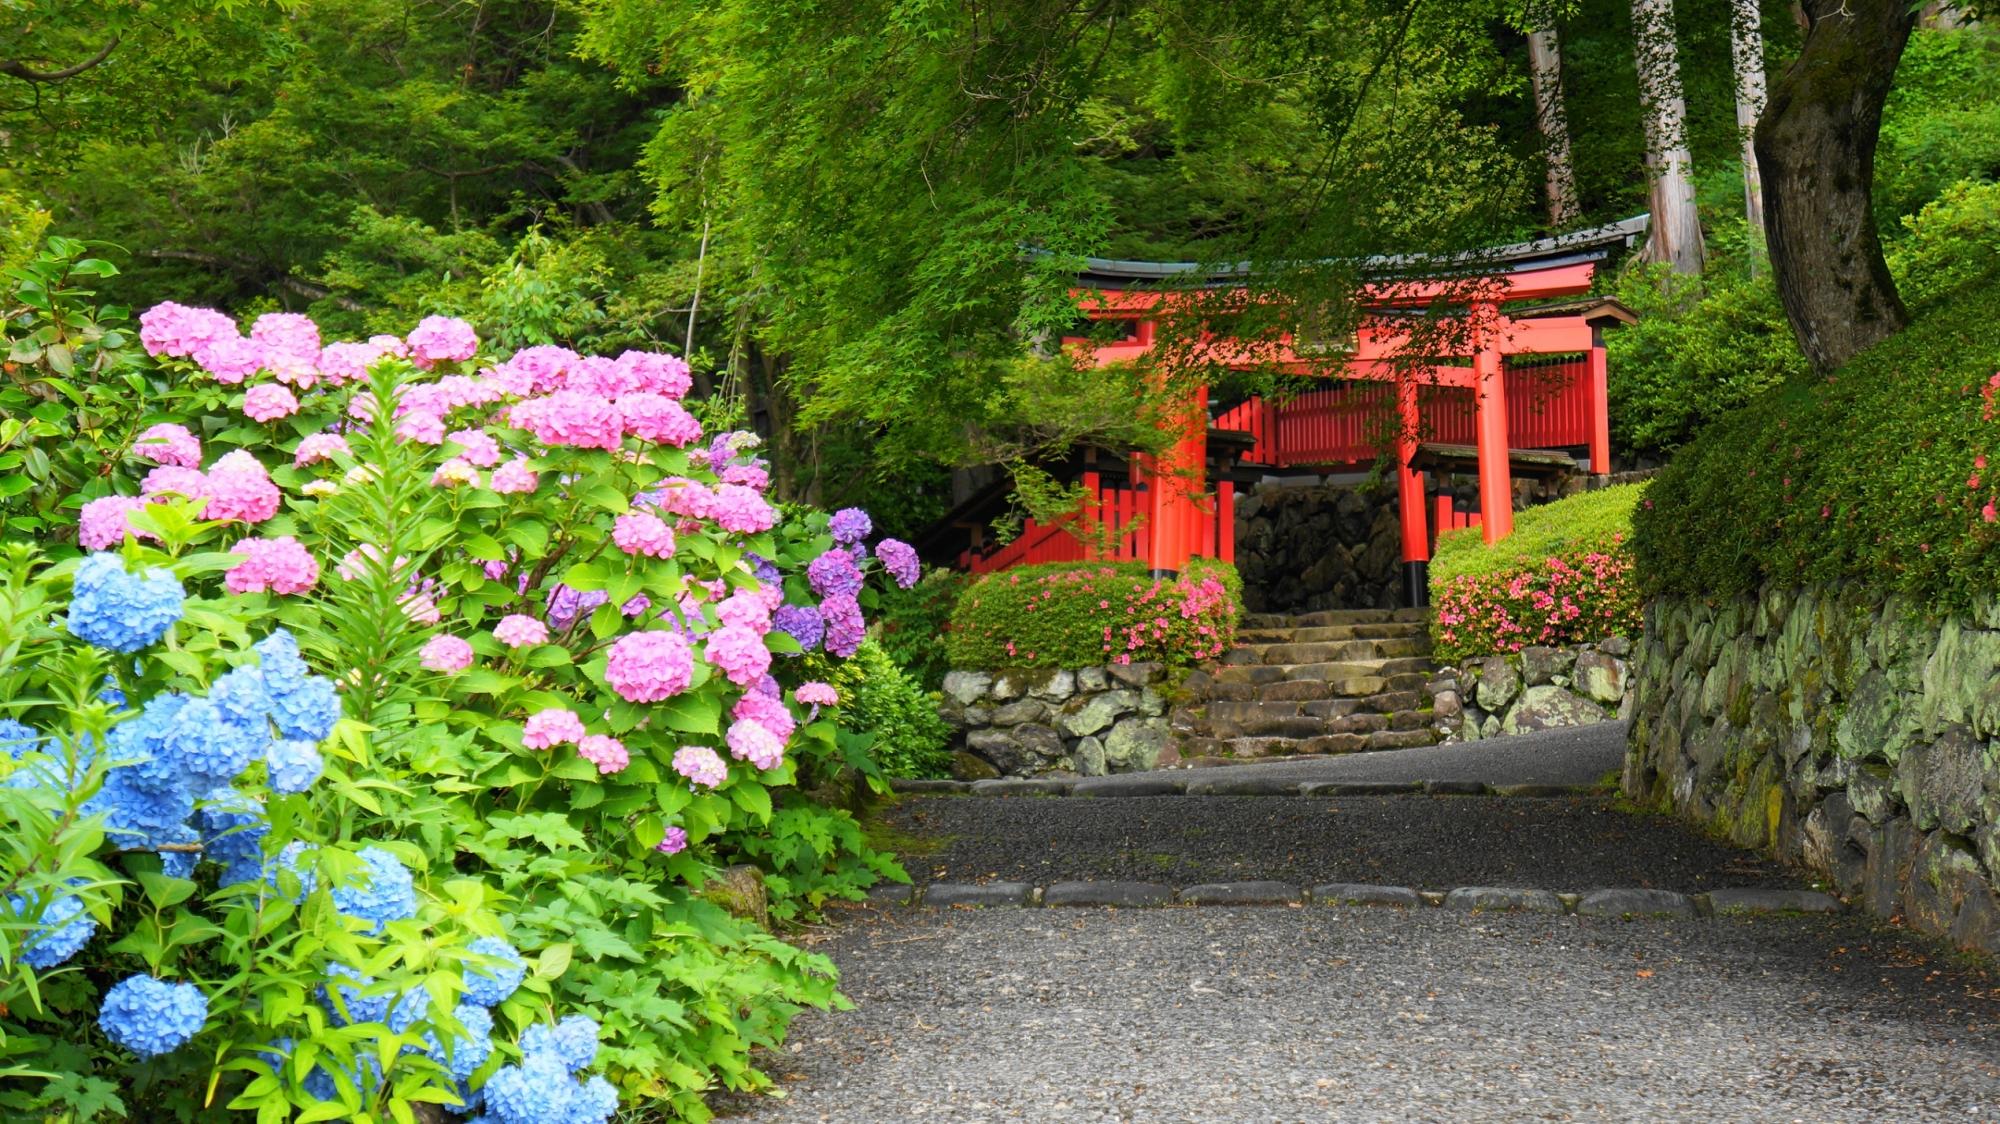 善峯寺の自然につつまれた絵になる紫陽花の風景